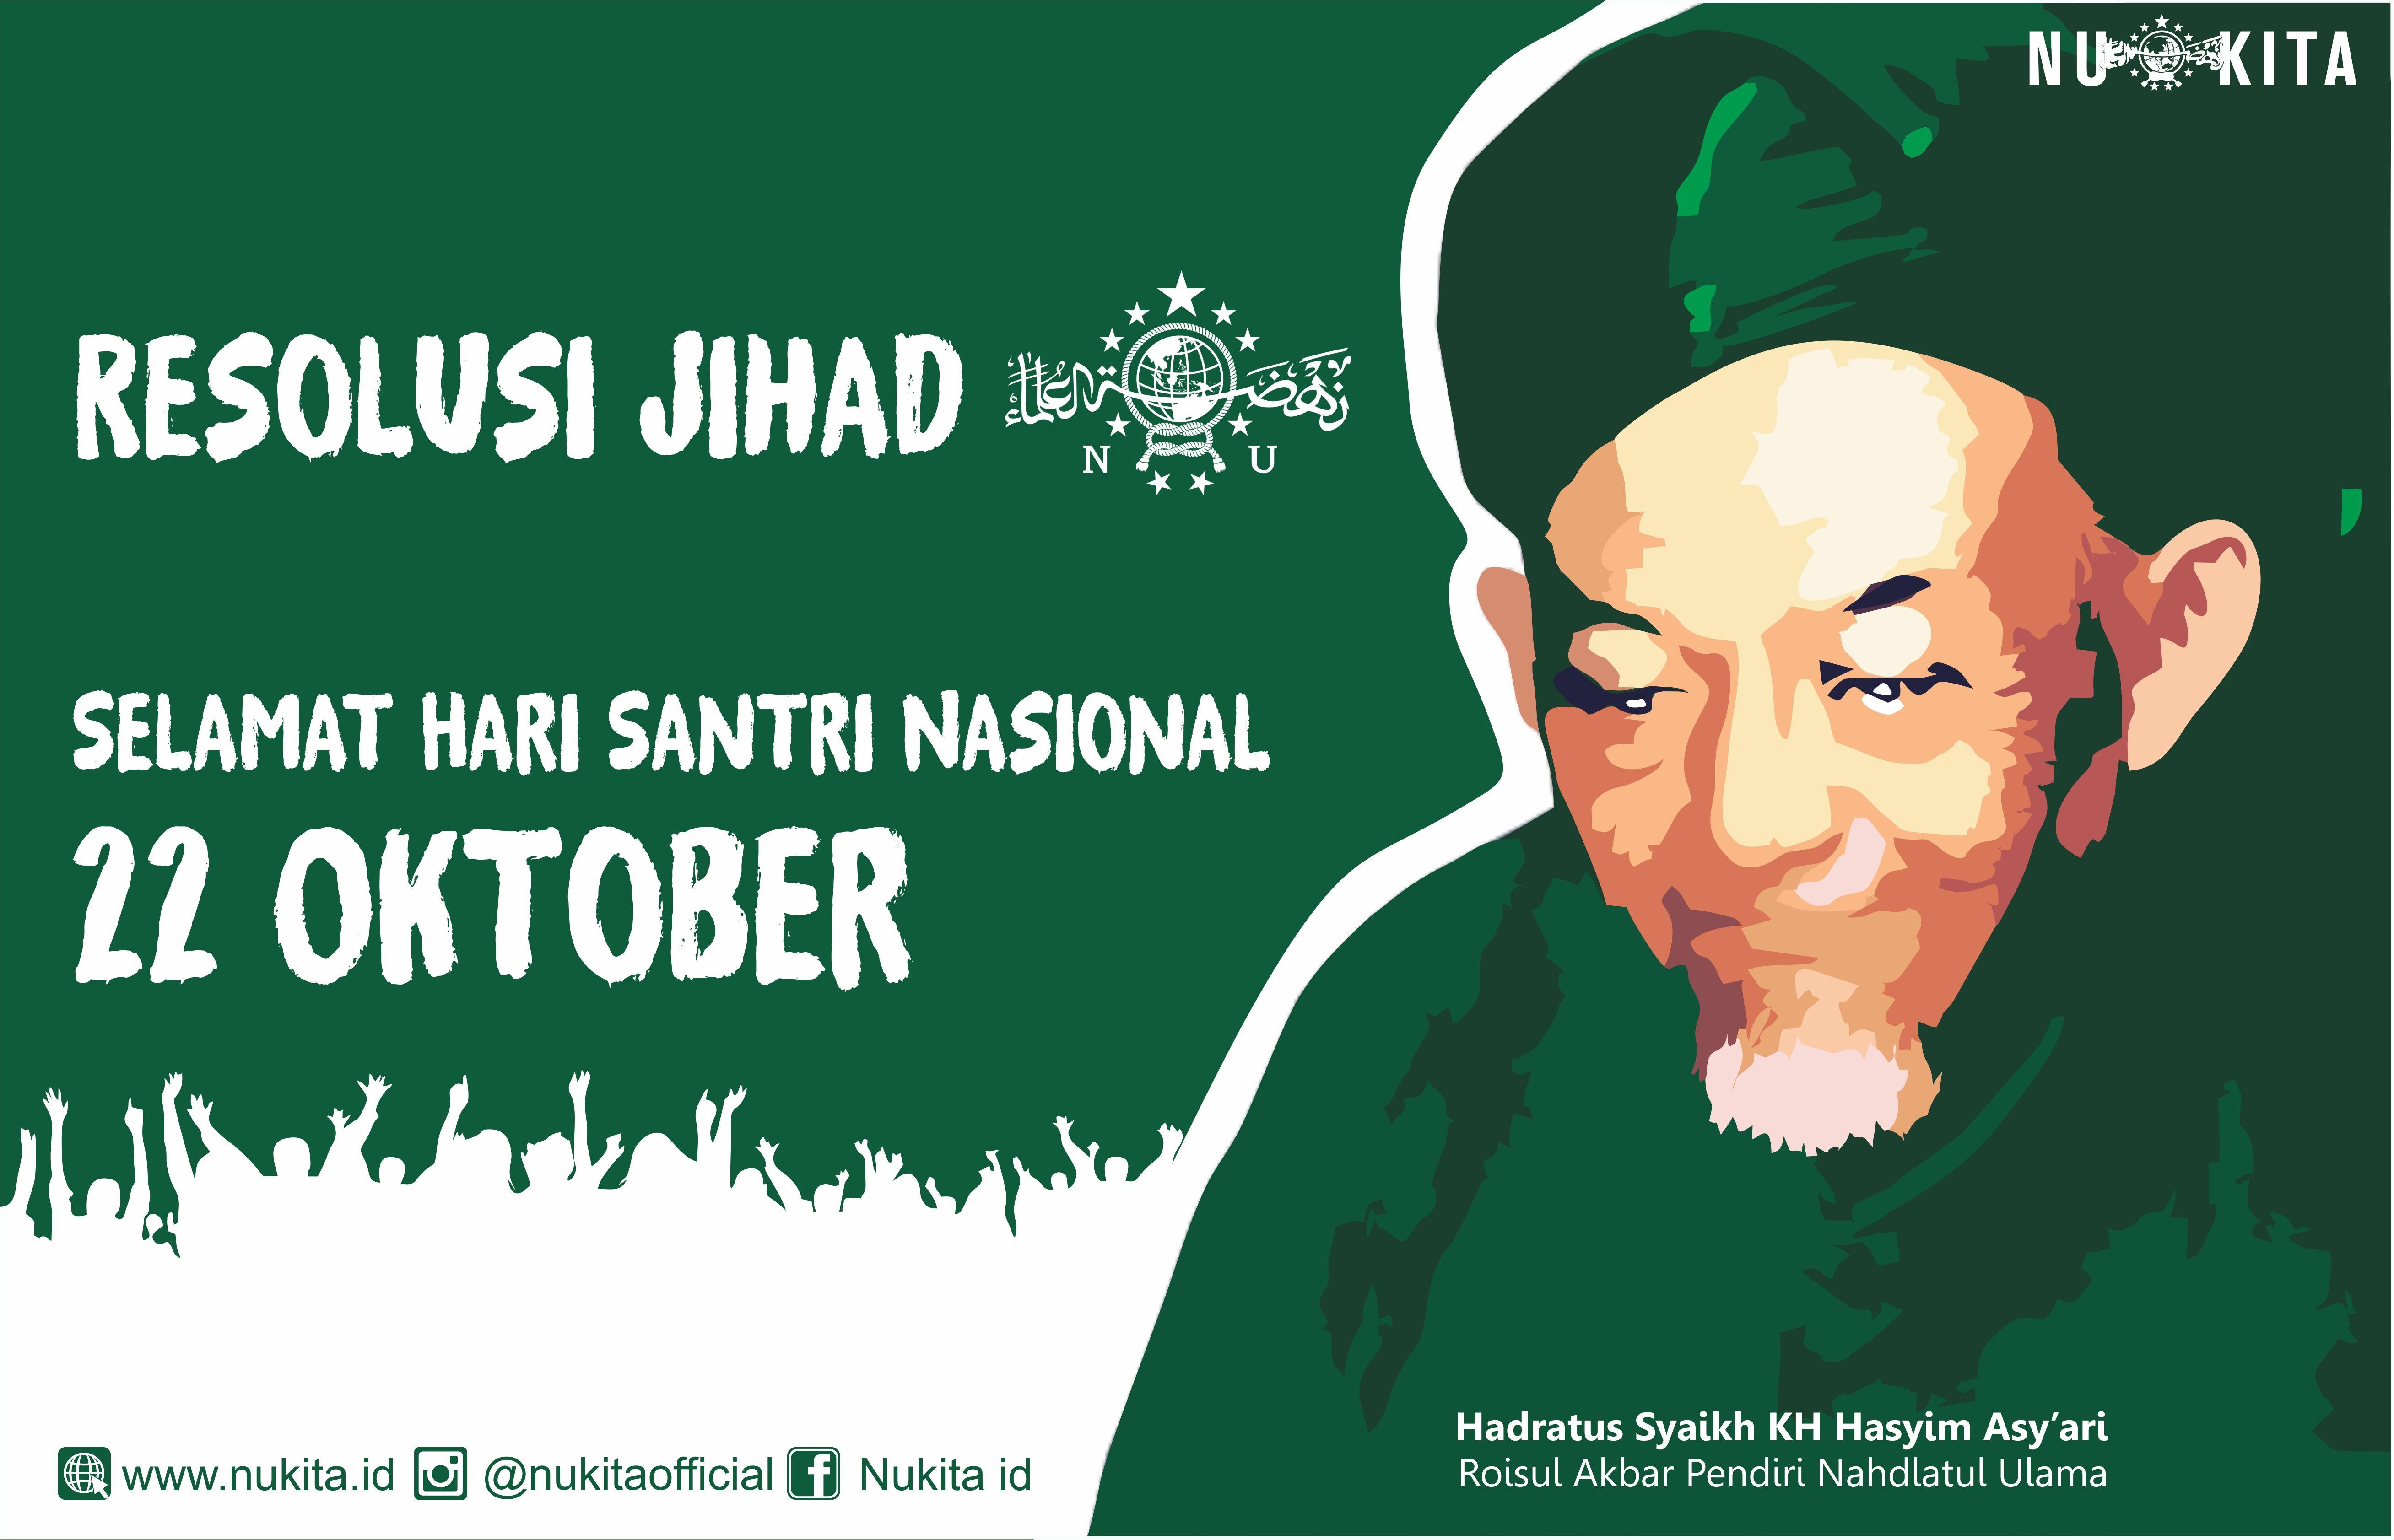 Peringatan Hari Santri Nu Hari Santri Atau Hari Peringatan Resolusi Jihad Halaman All Kompasiana Com